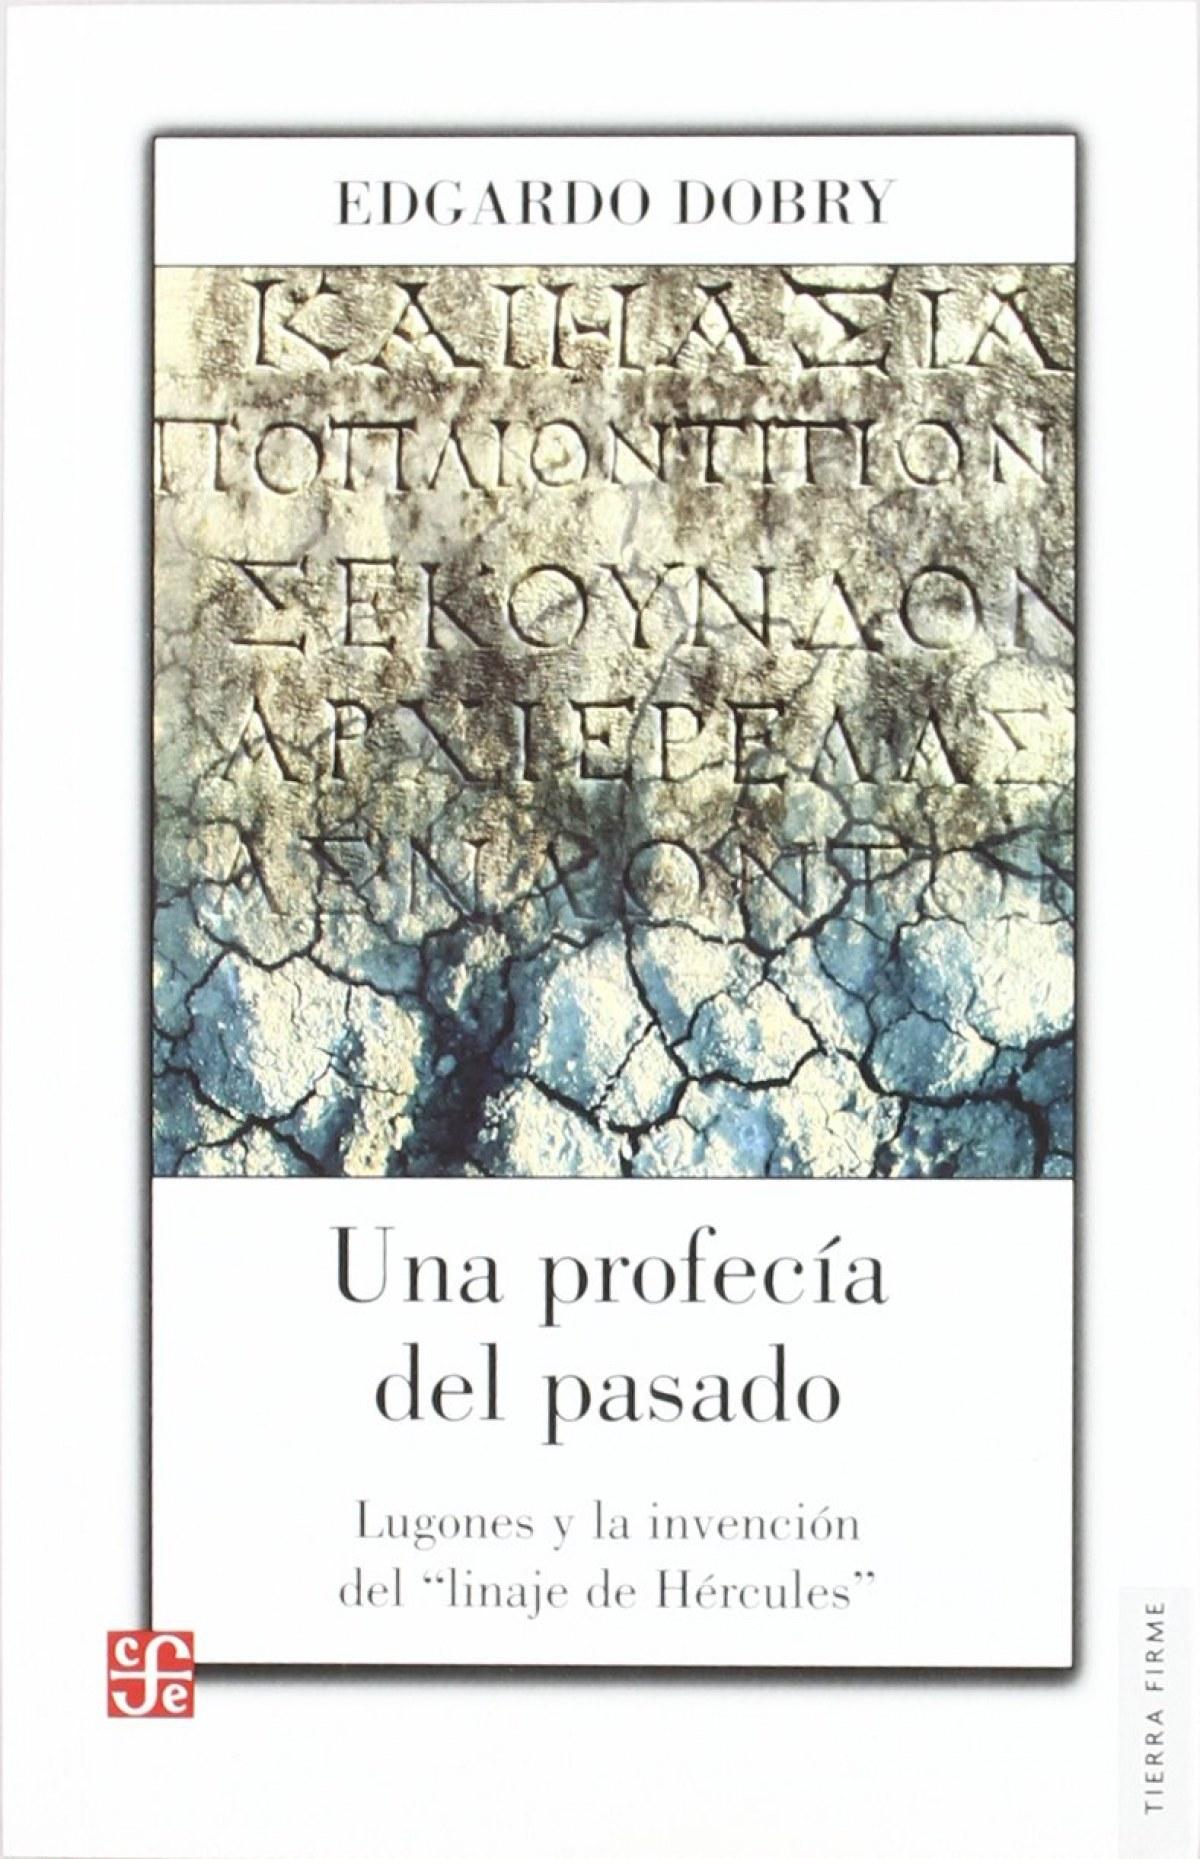 Una profecía del pasado: Lugones y la invención del linaje de Hércules